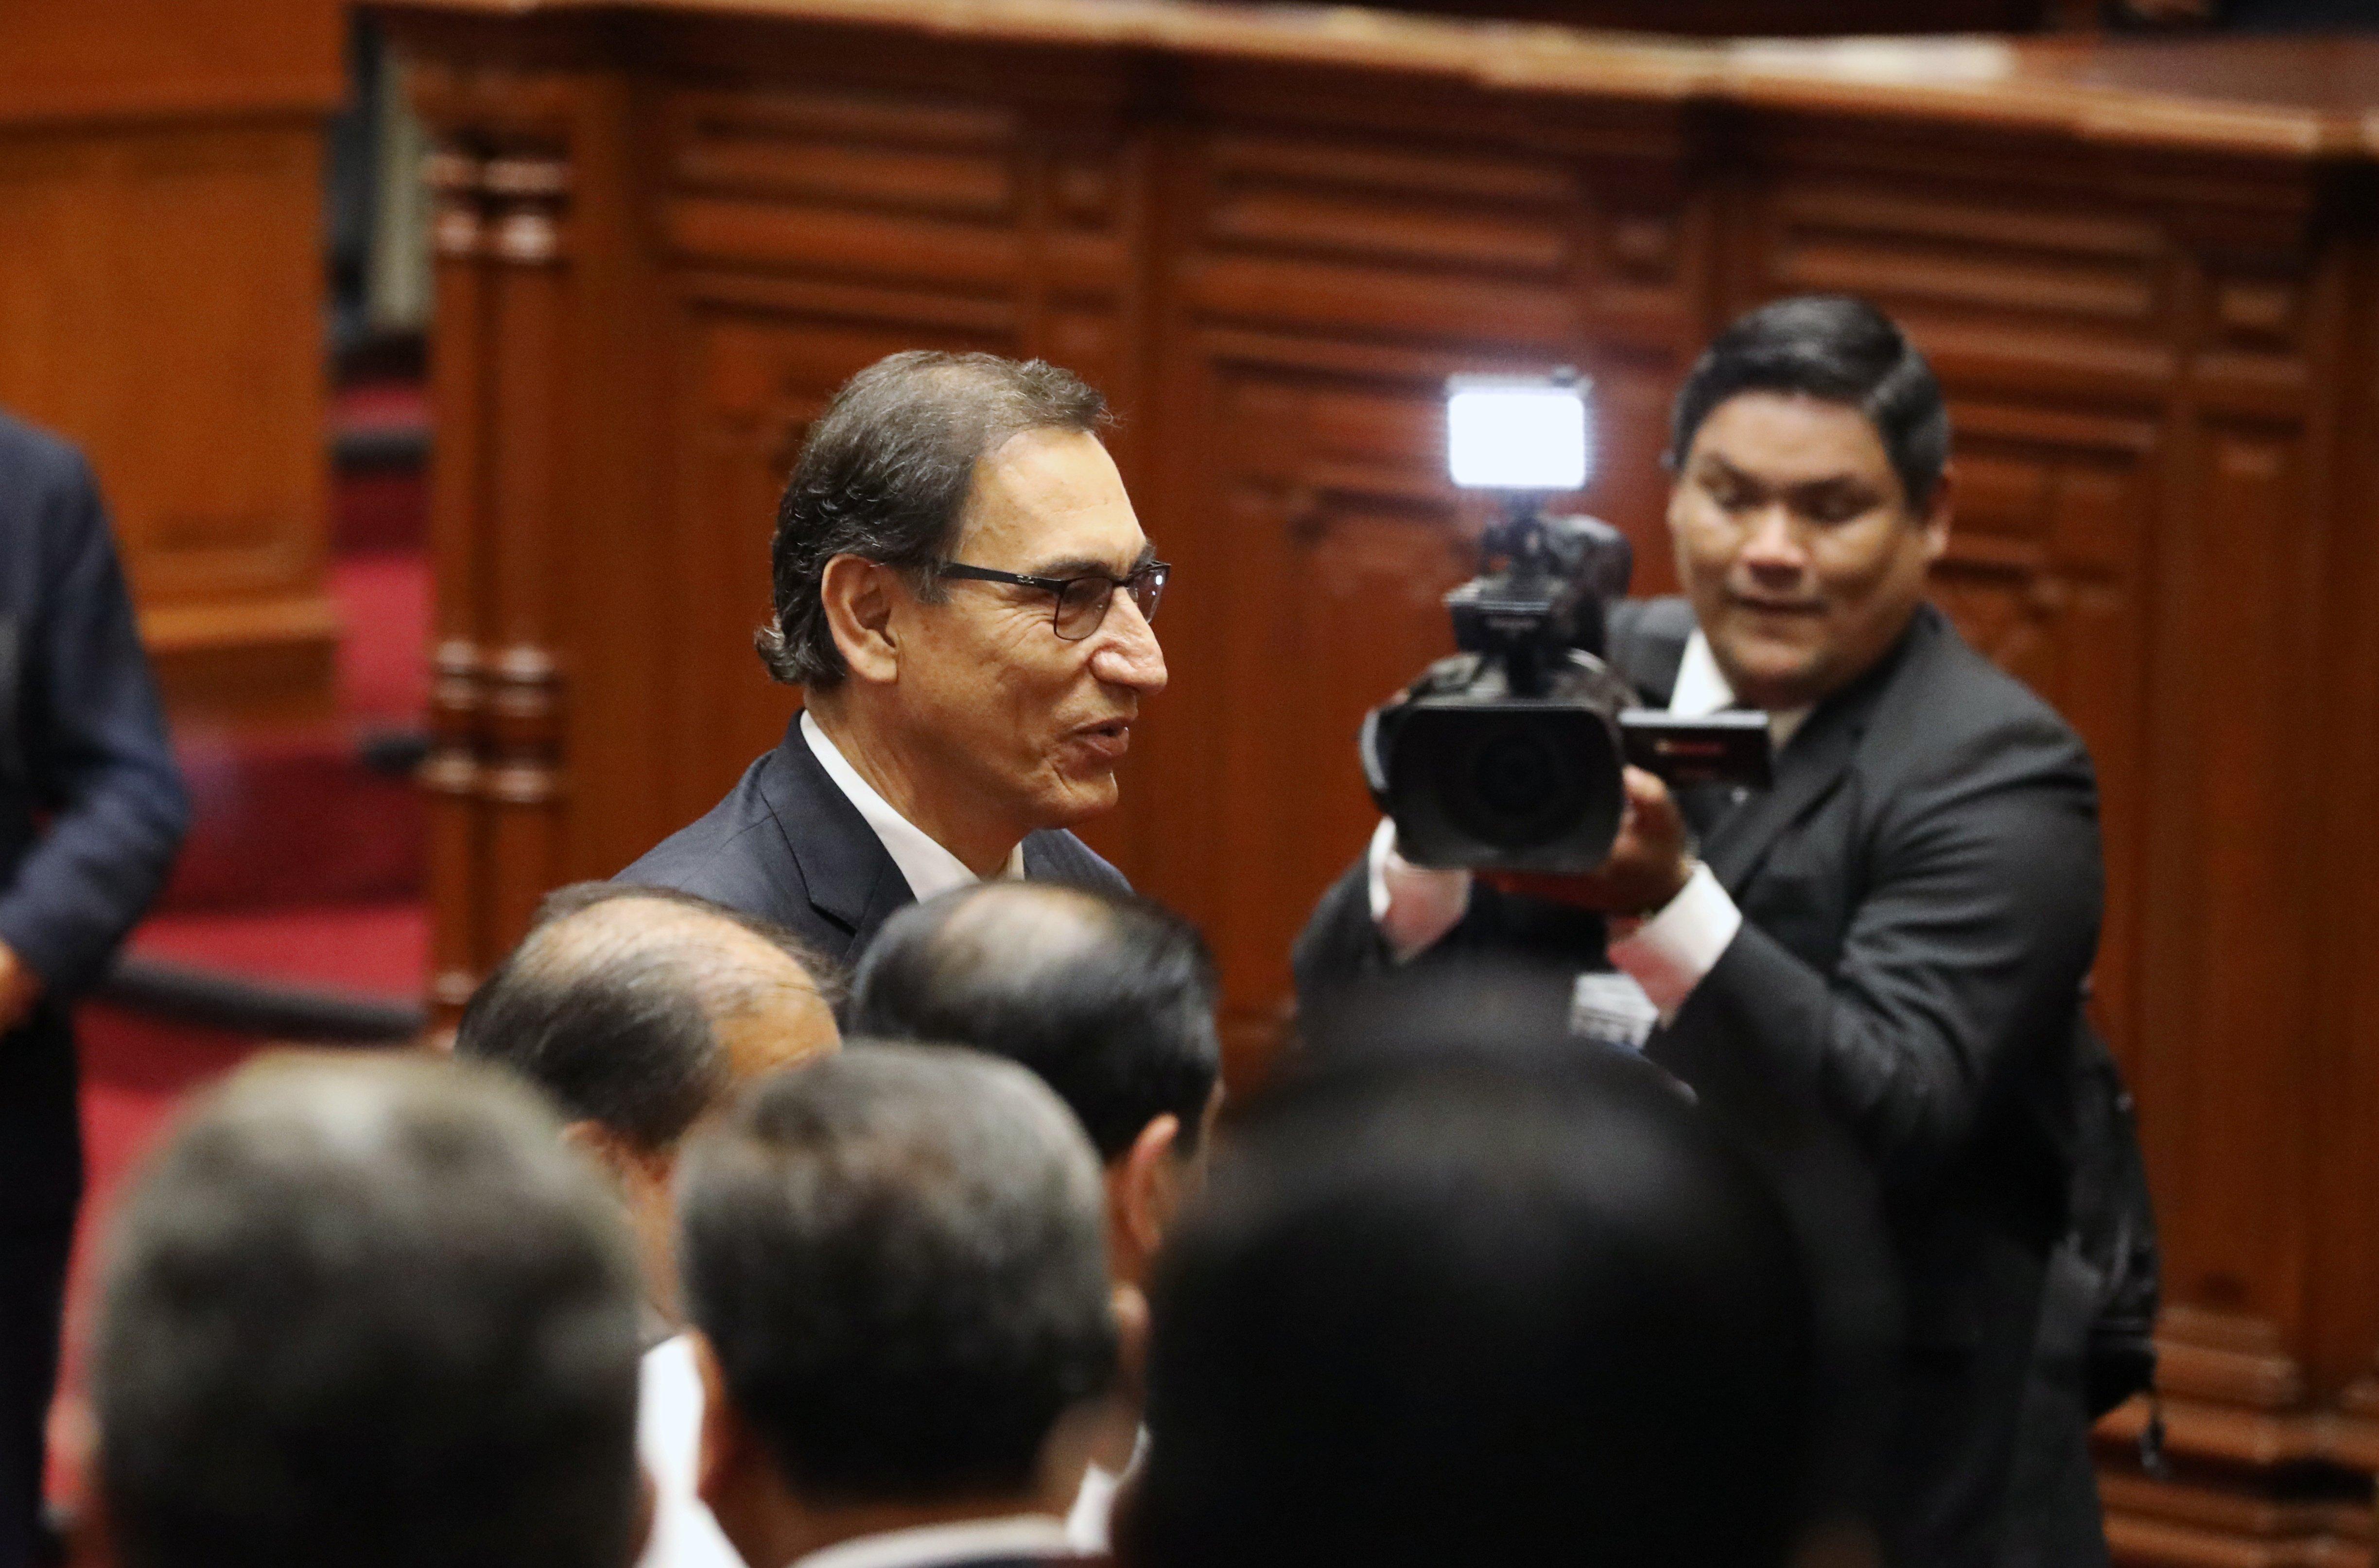 Martín Vizcarra, nuevo presidente de Perú tras renuncia de Kuczynski